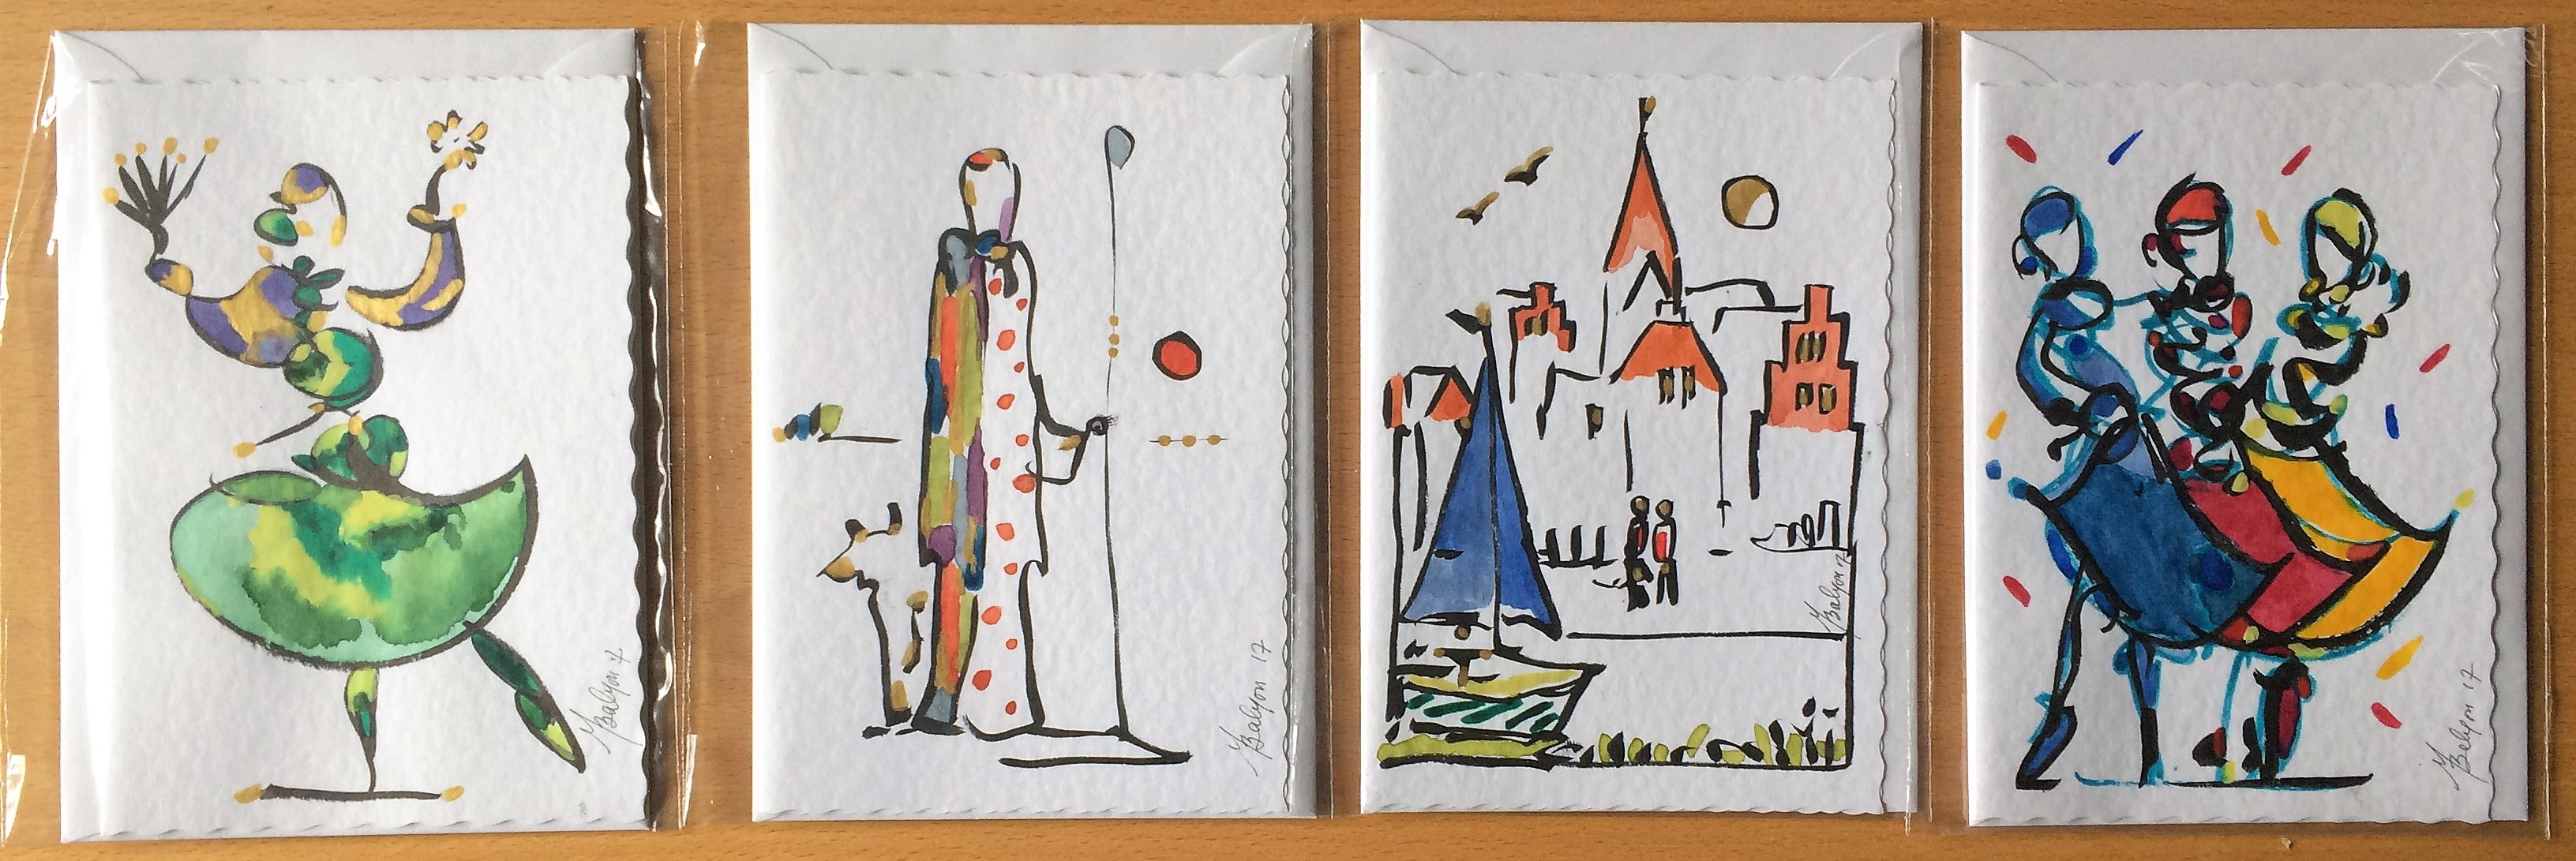 leven Cards Set A